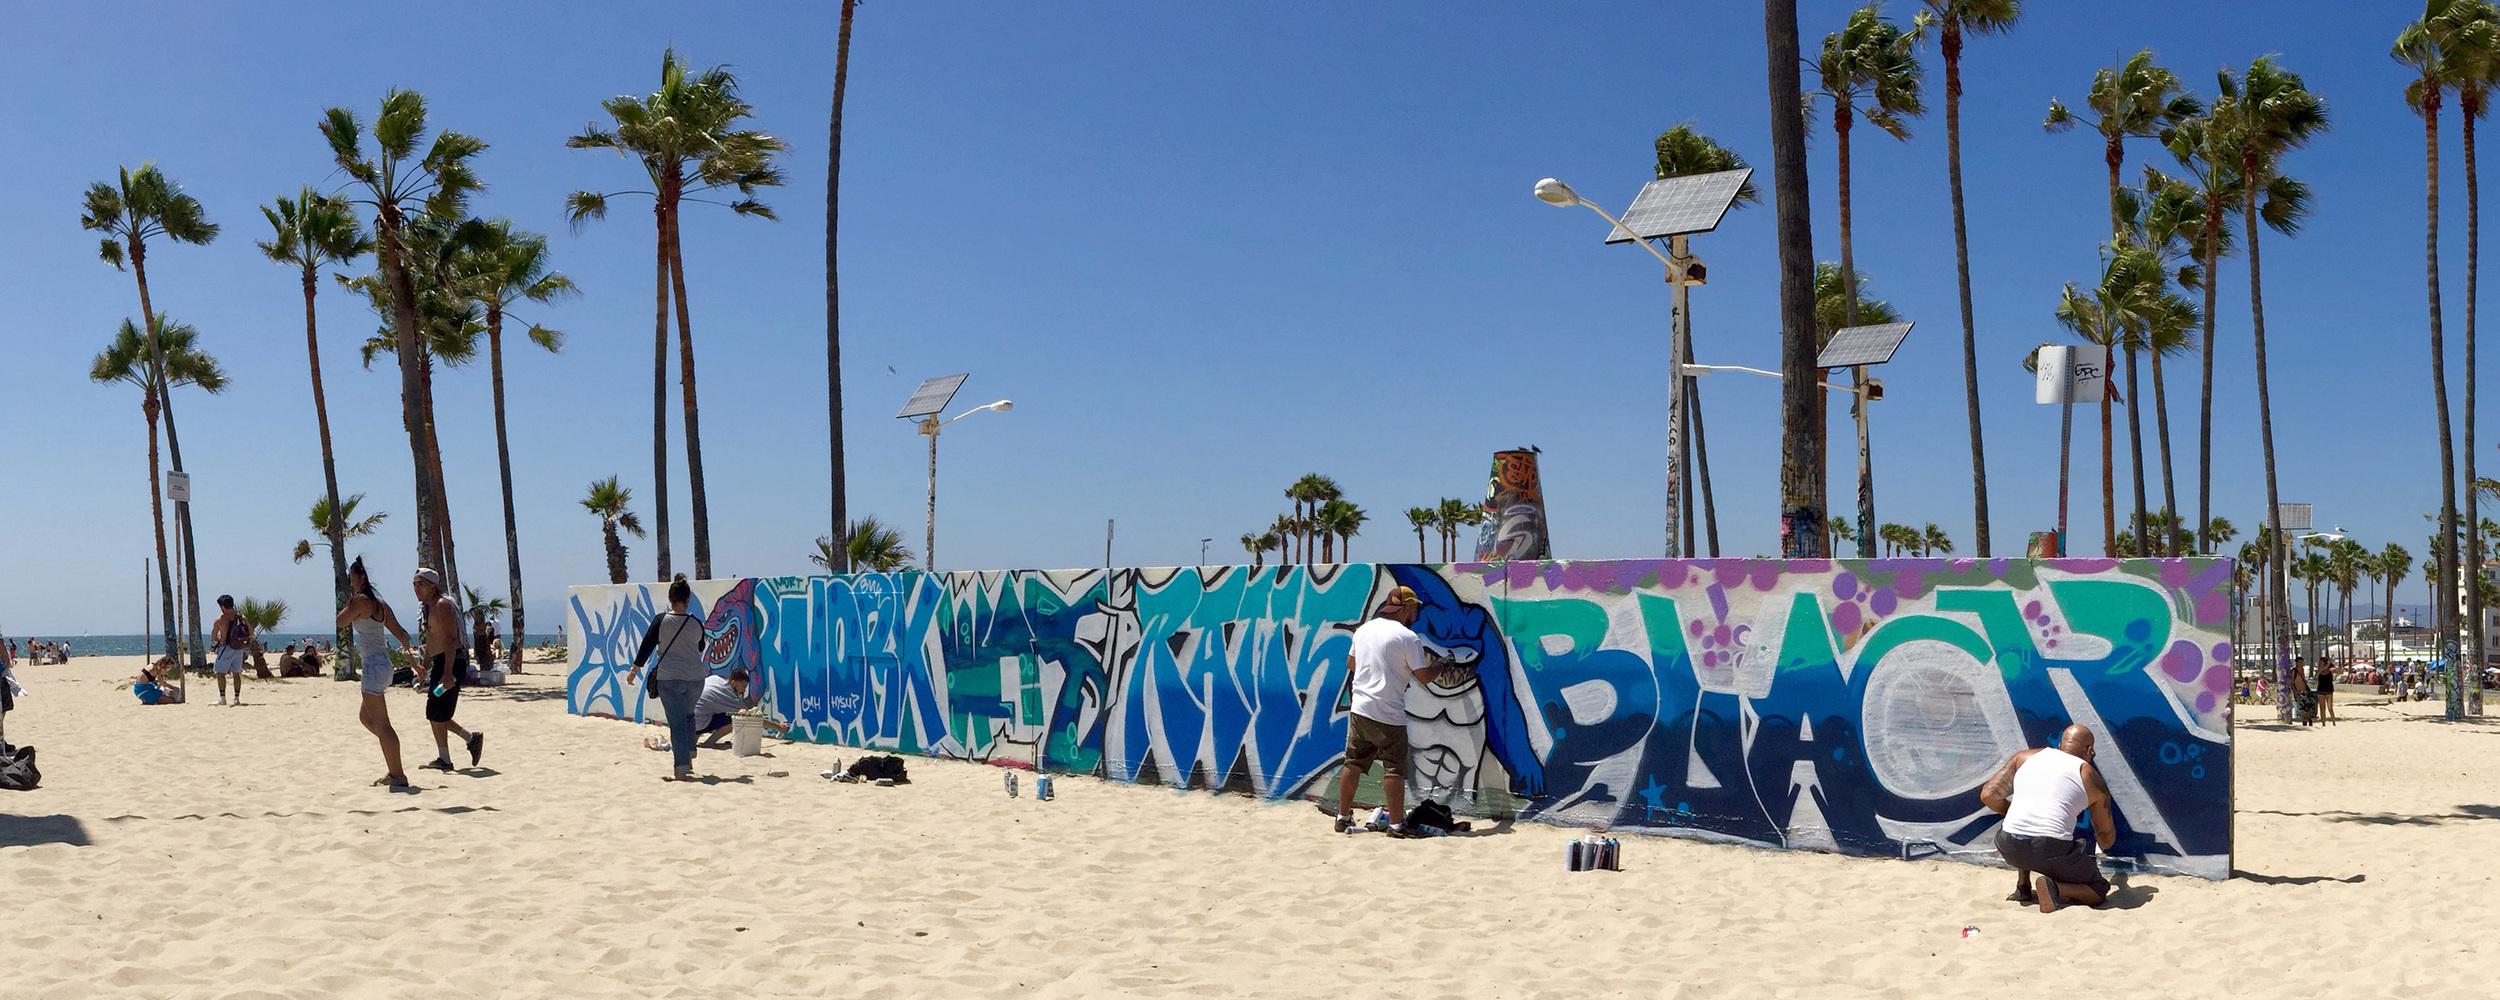 #SundayFunday on Venice Beach